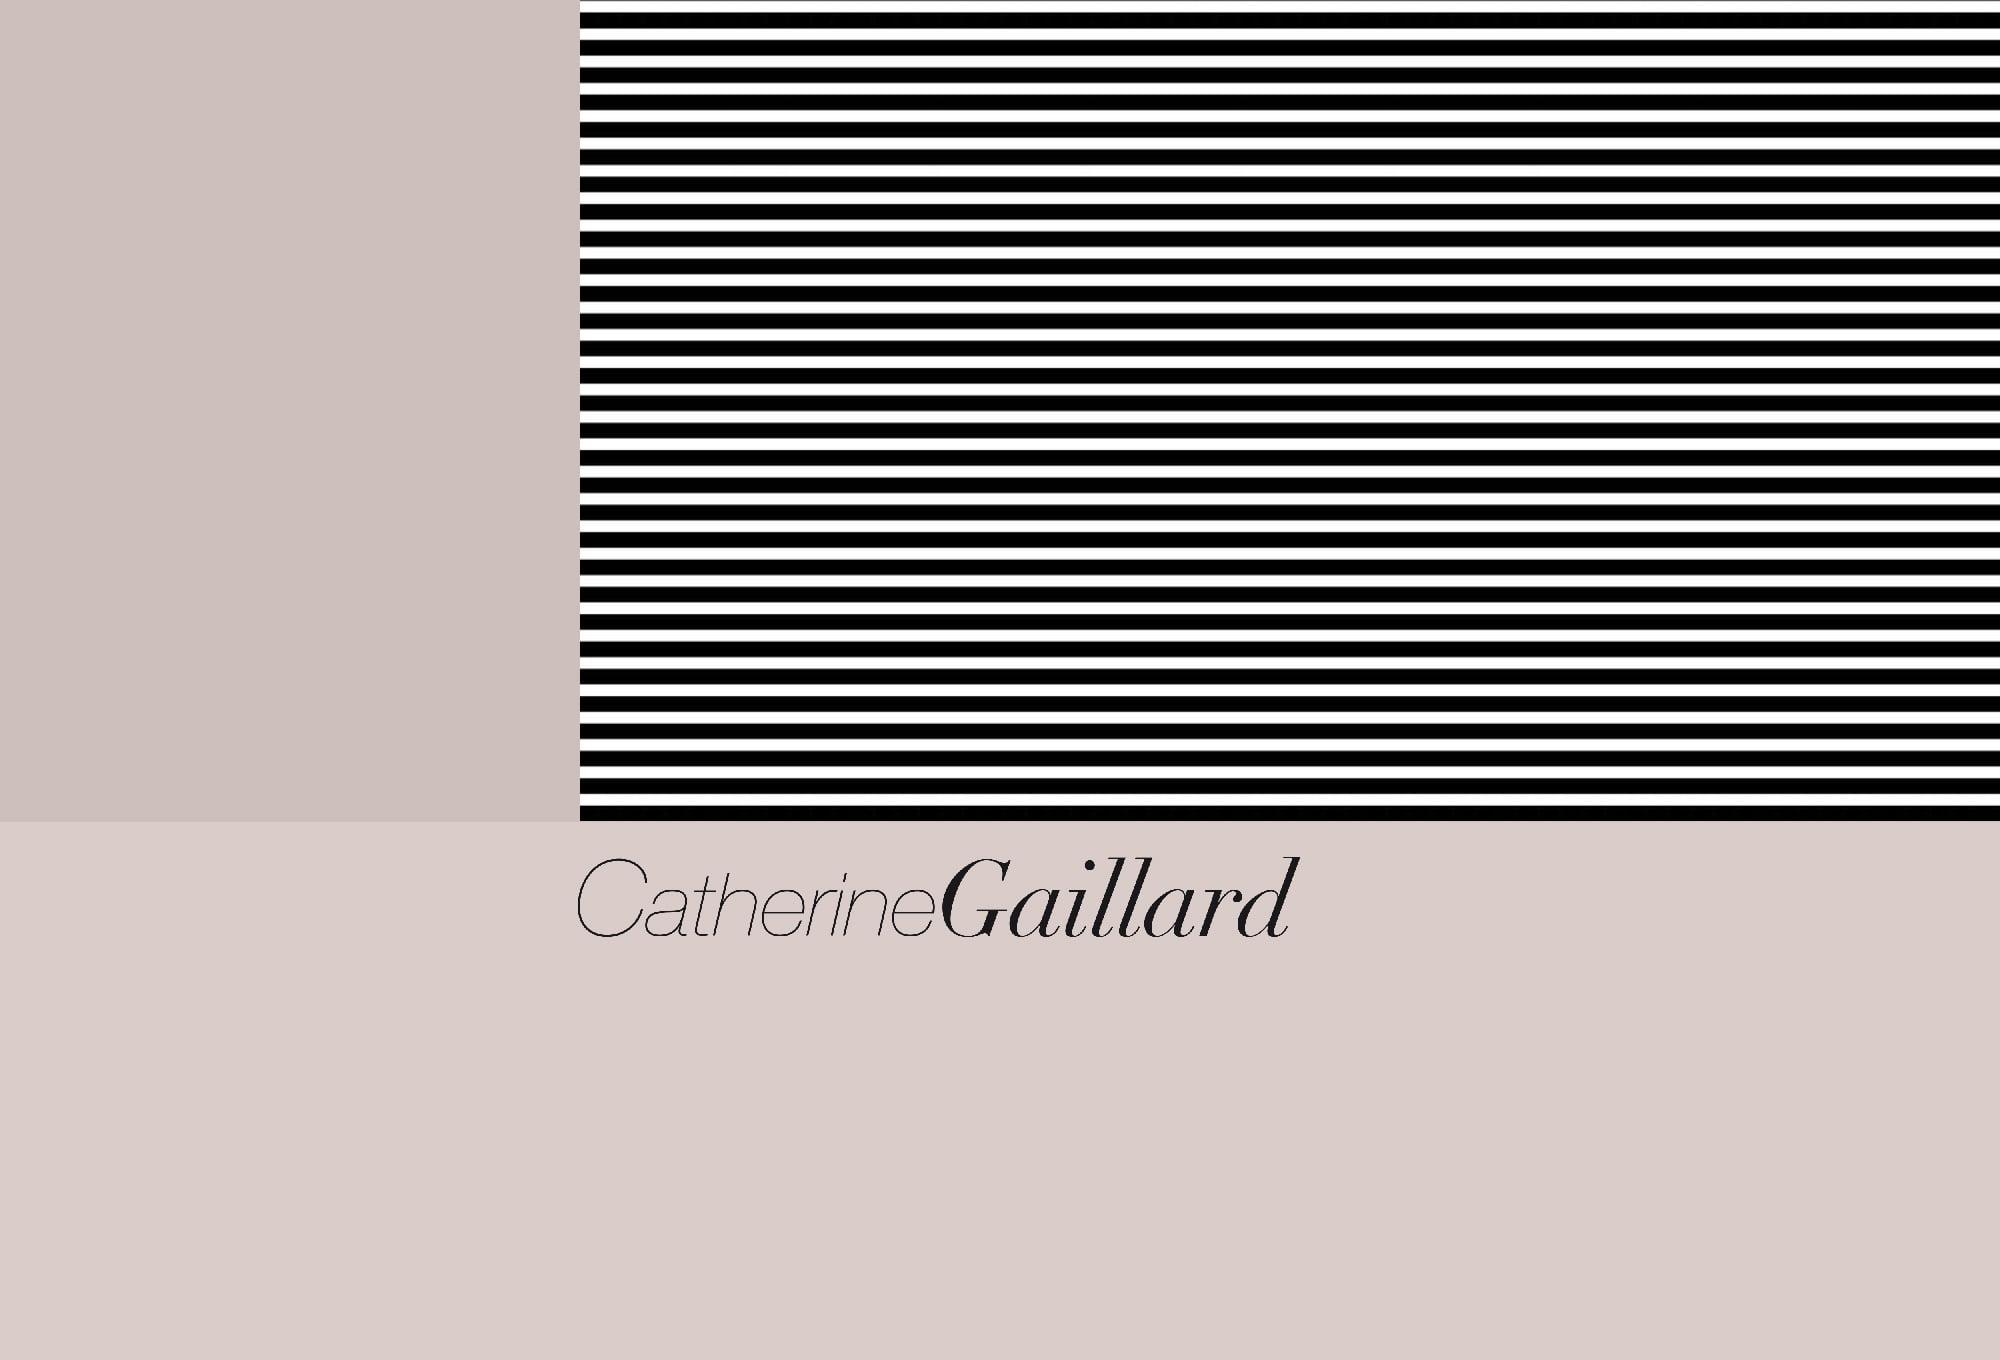 Catherine_Gaillard_Creatricedesacdeluxe_web_design_zoom